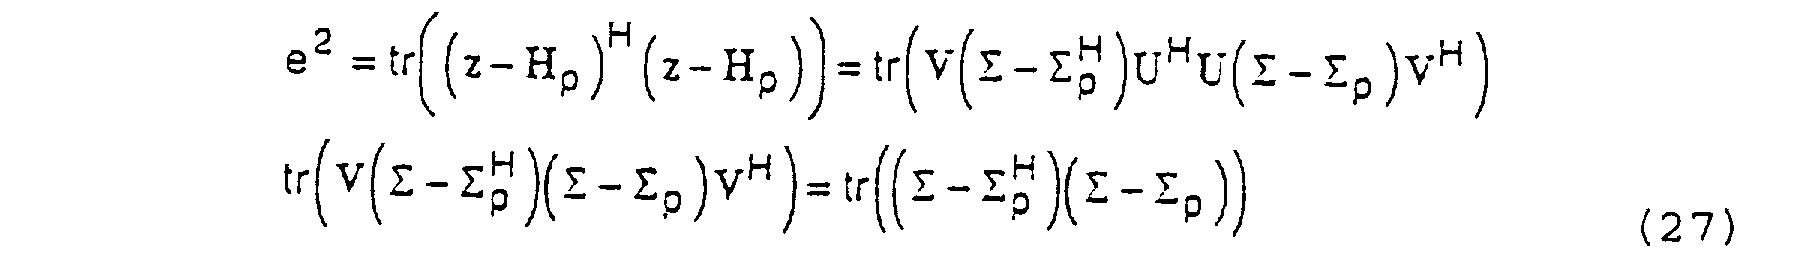 Figure img00150002